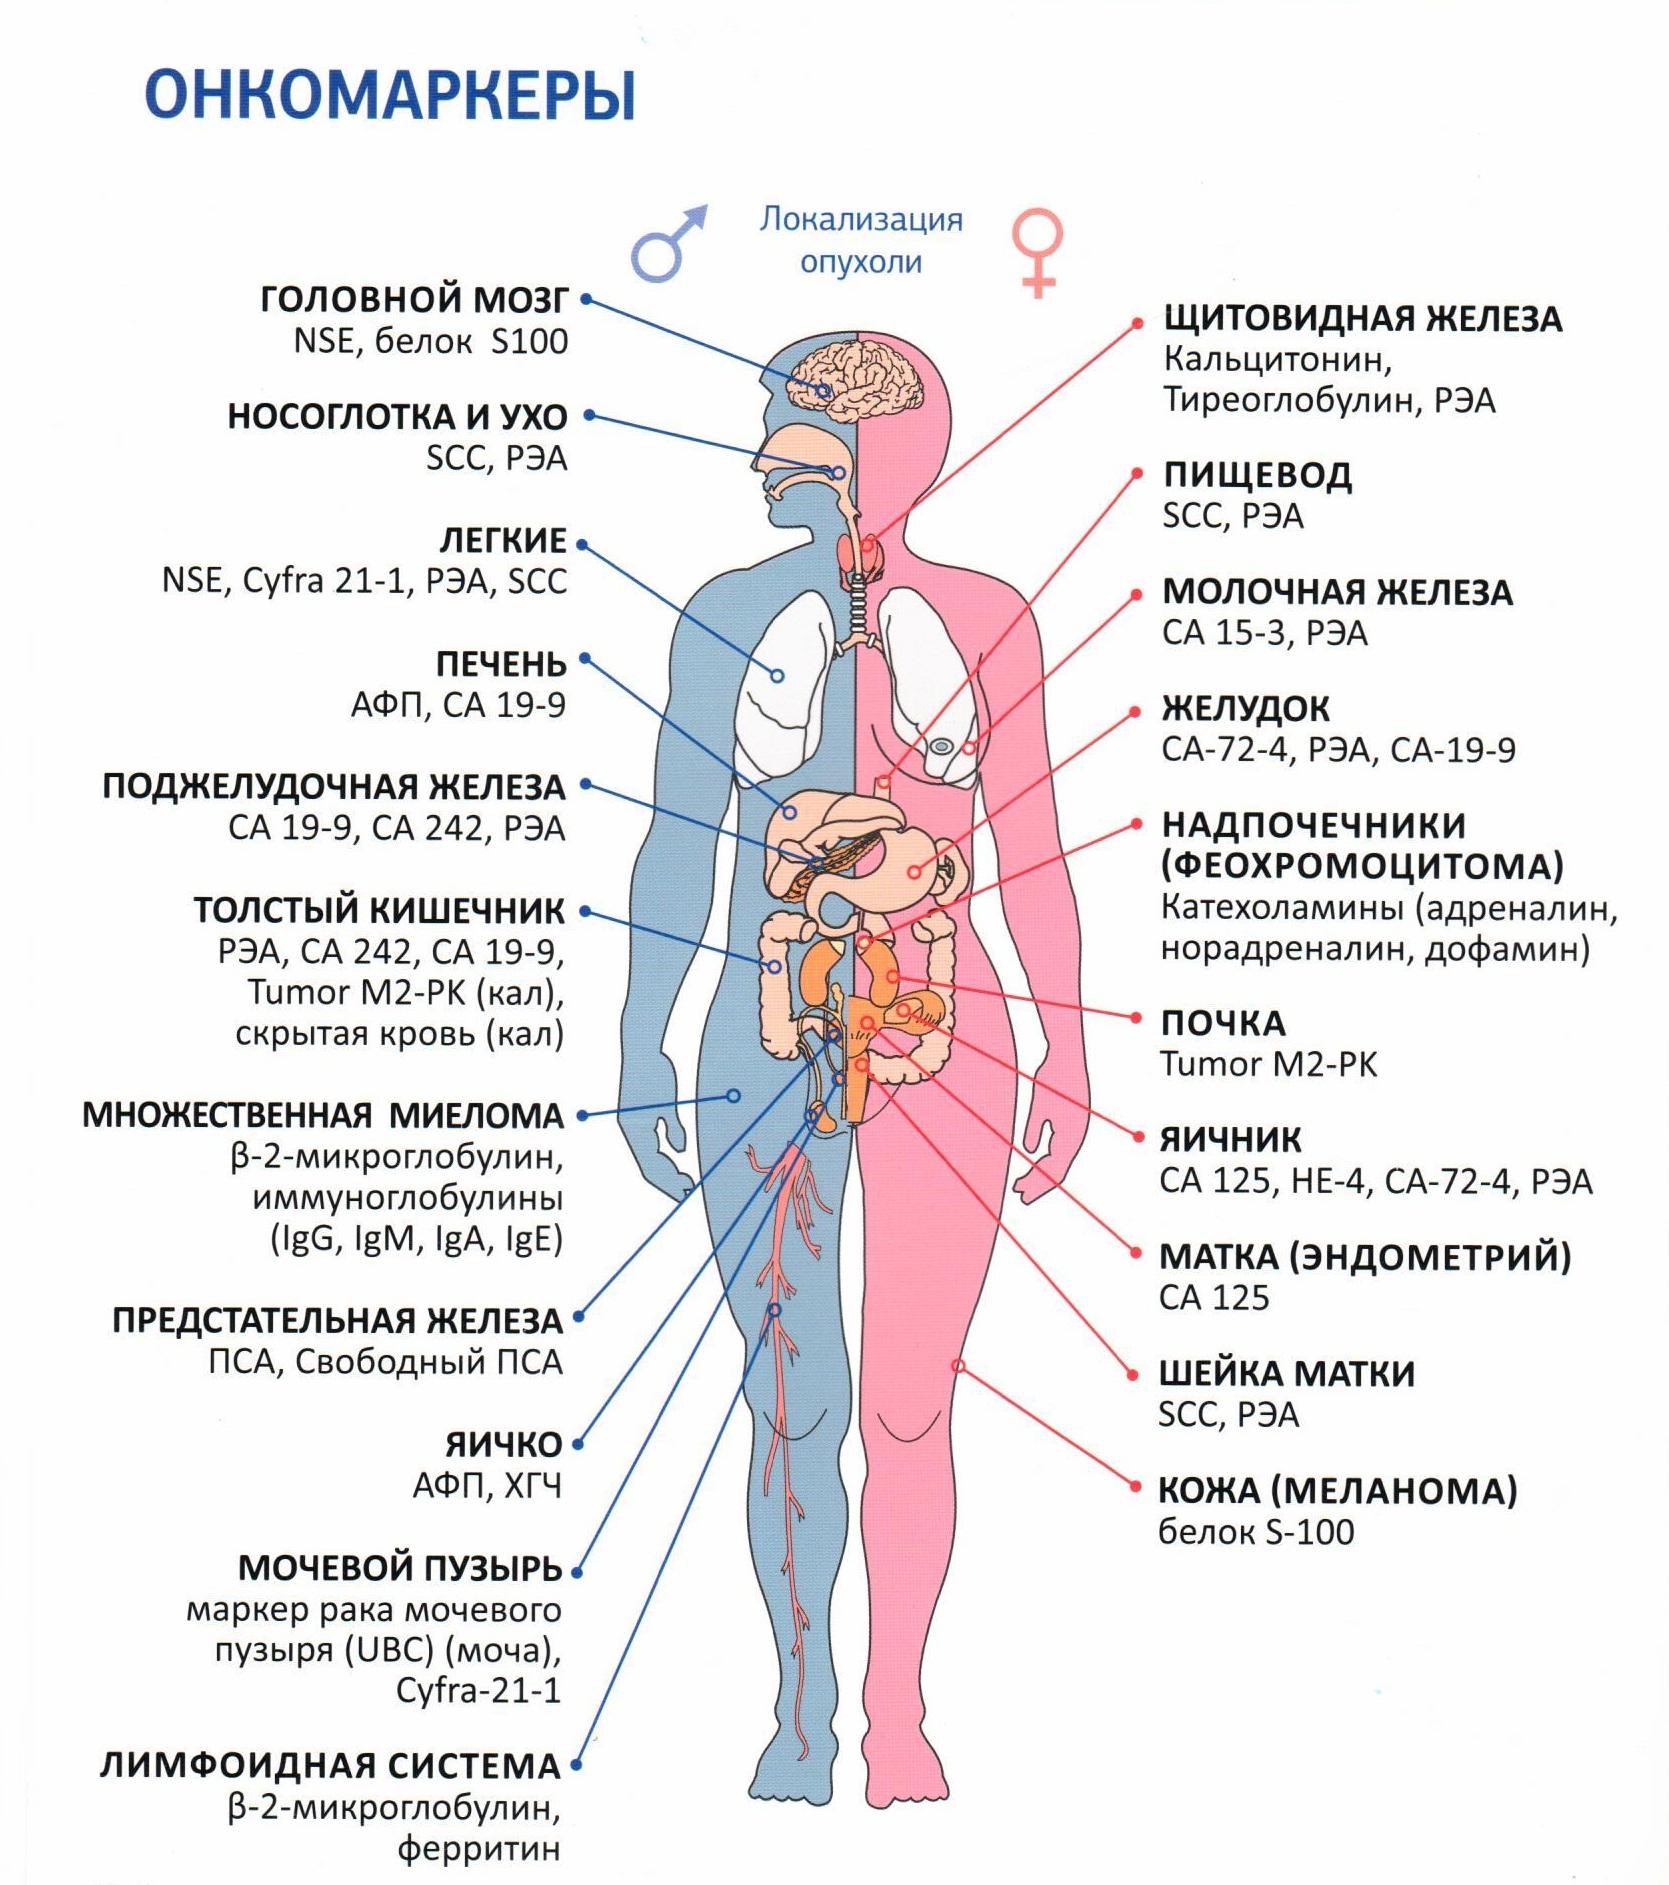 Схема онкомаркеров